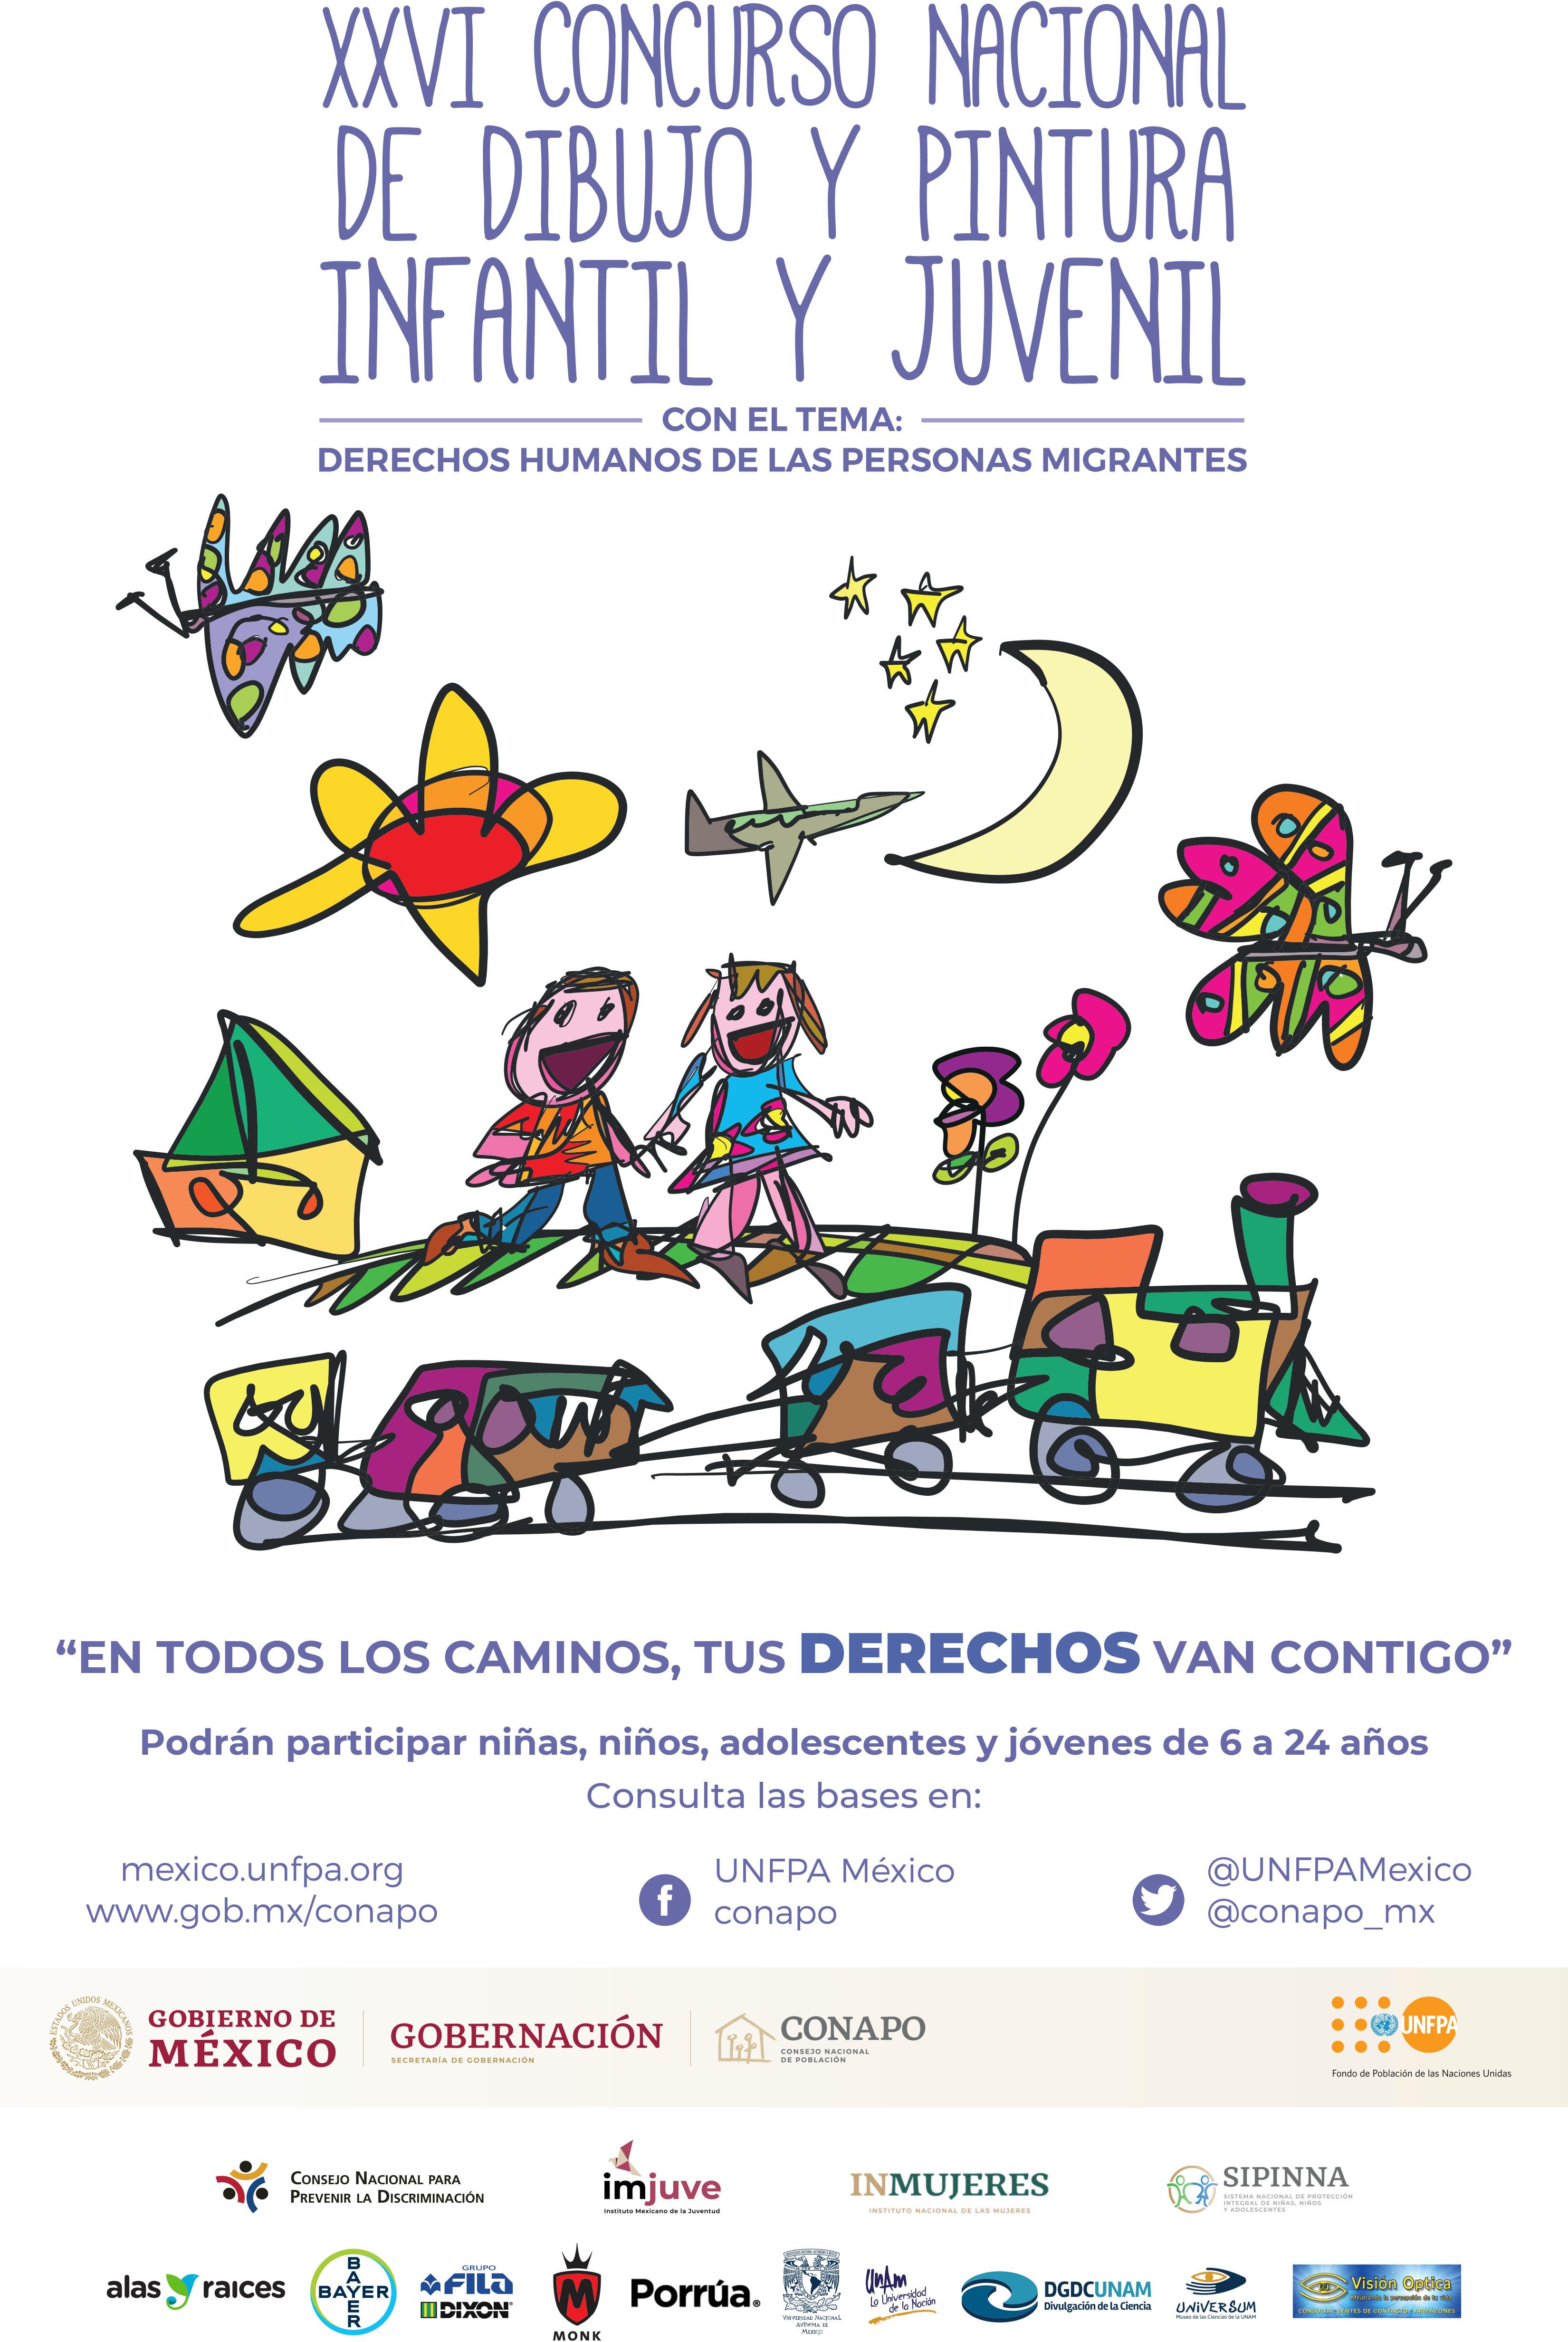 26º Concurso Nacional de Dibujo y Pintura Infantil y Juvenil, 2019